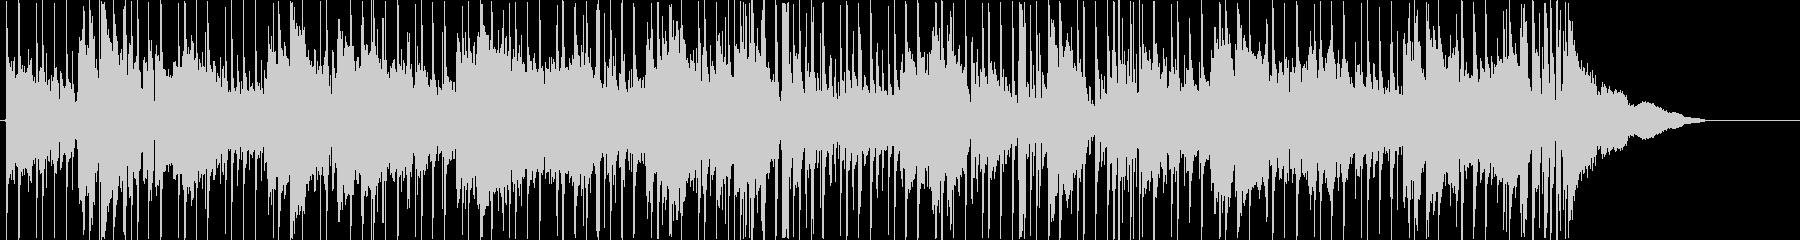 映像向きなダーク曲の未再生の波形